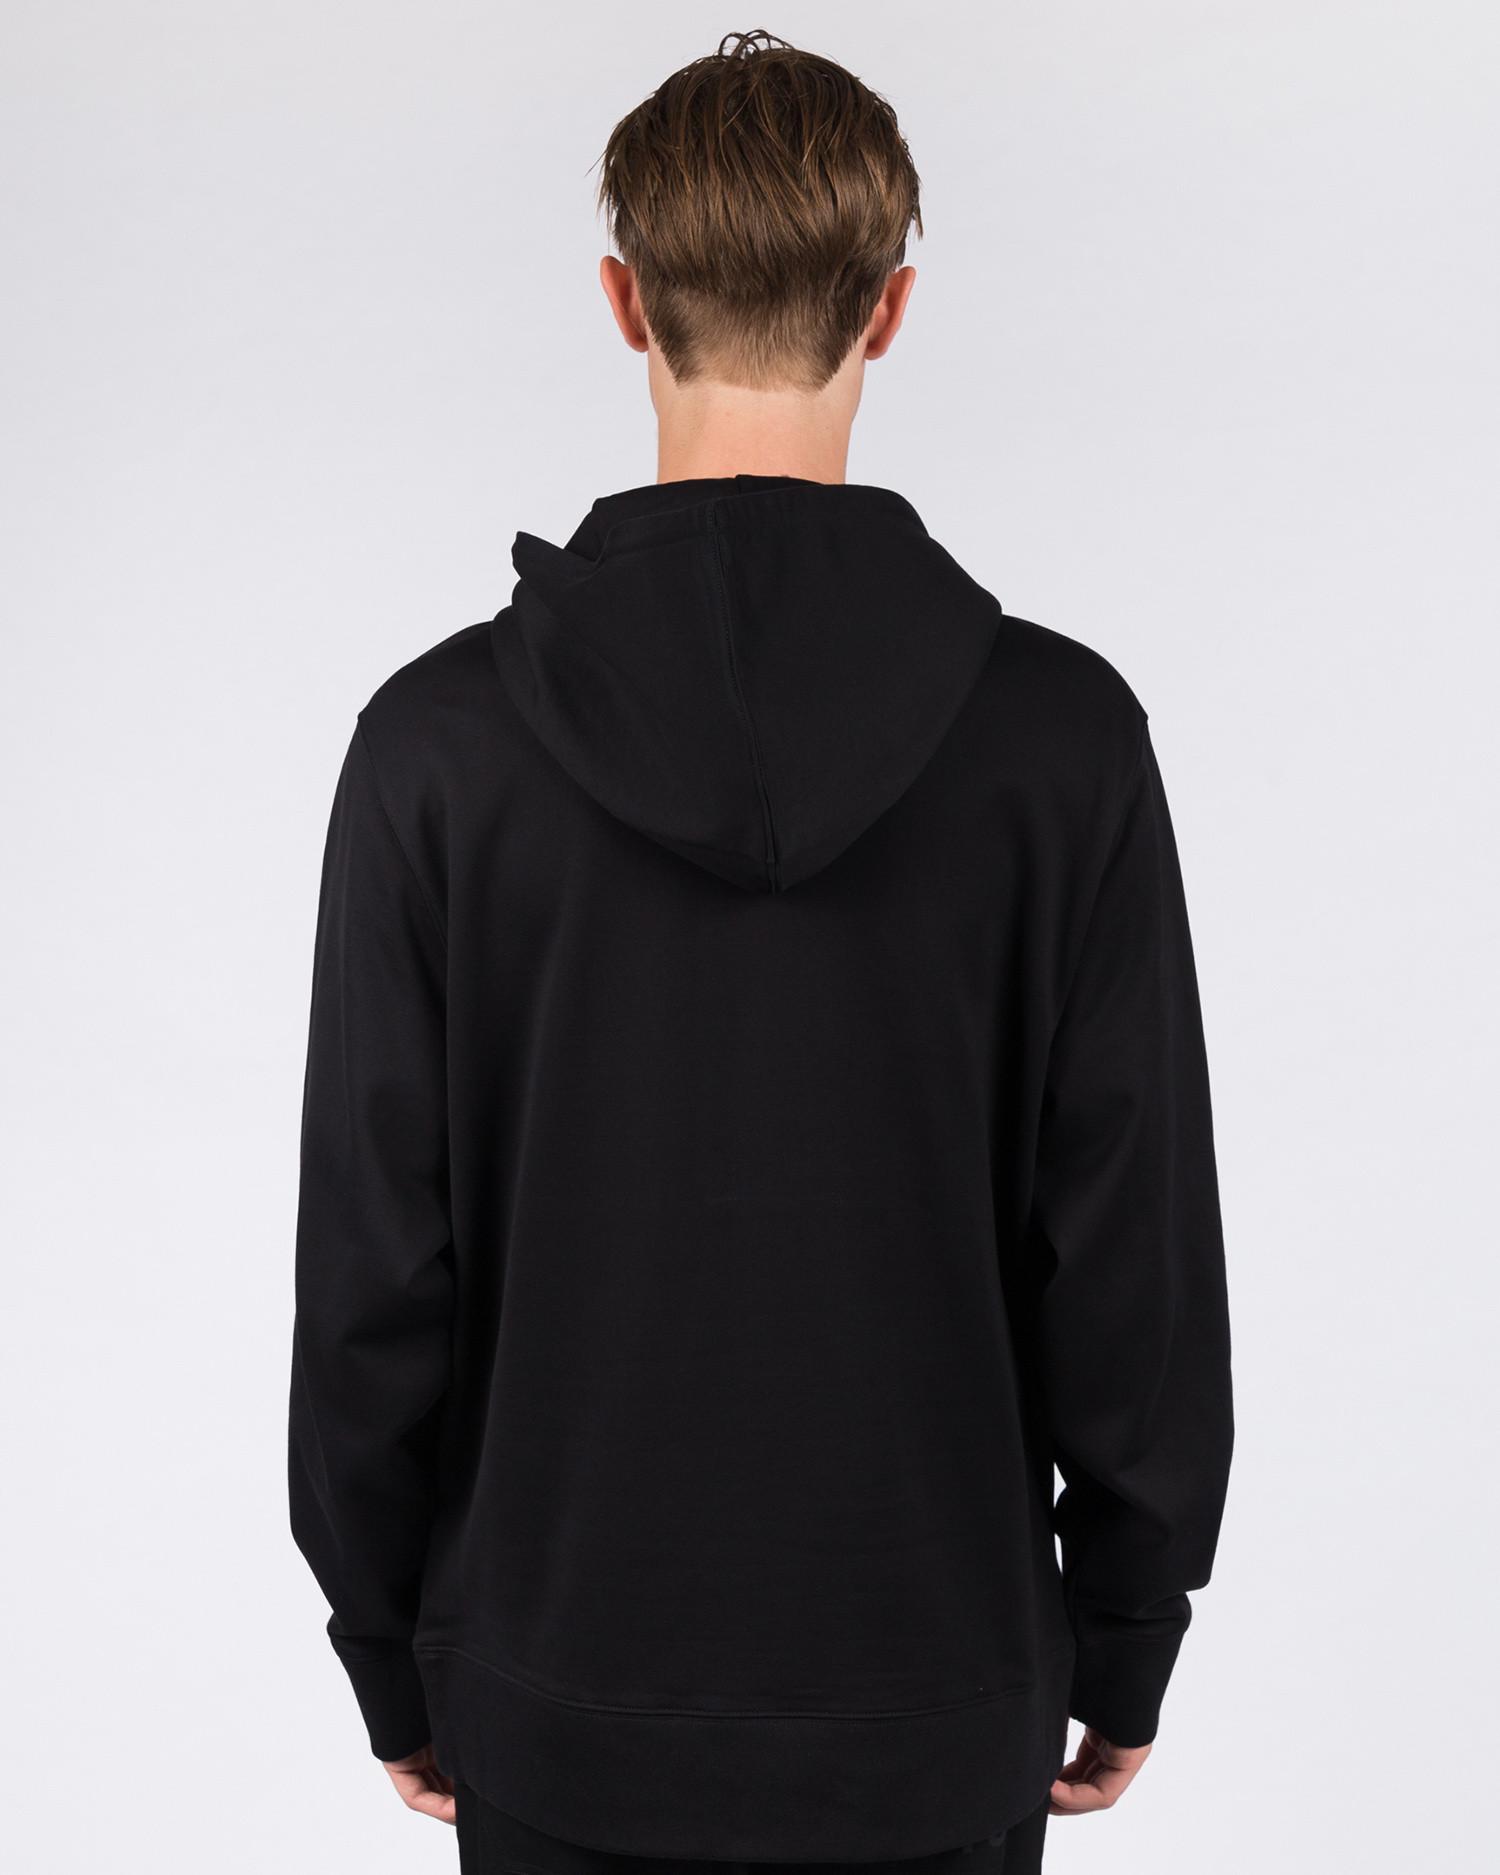 Adidas Y-3 Logo Hoody Black